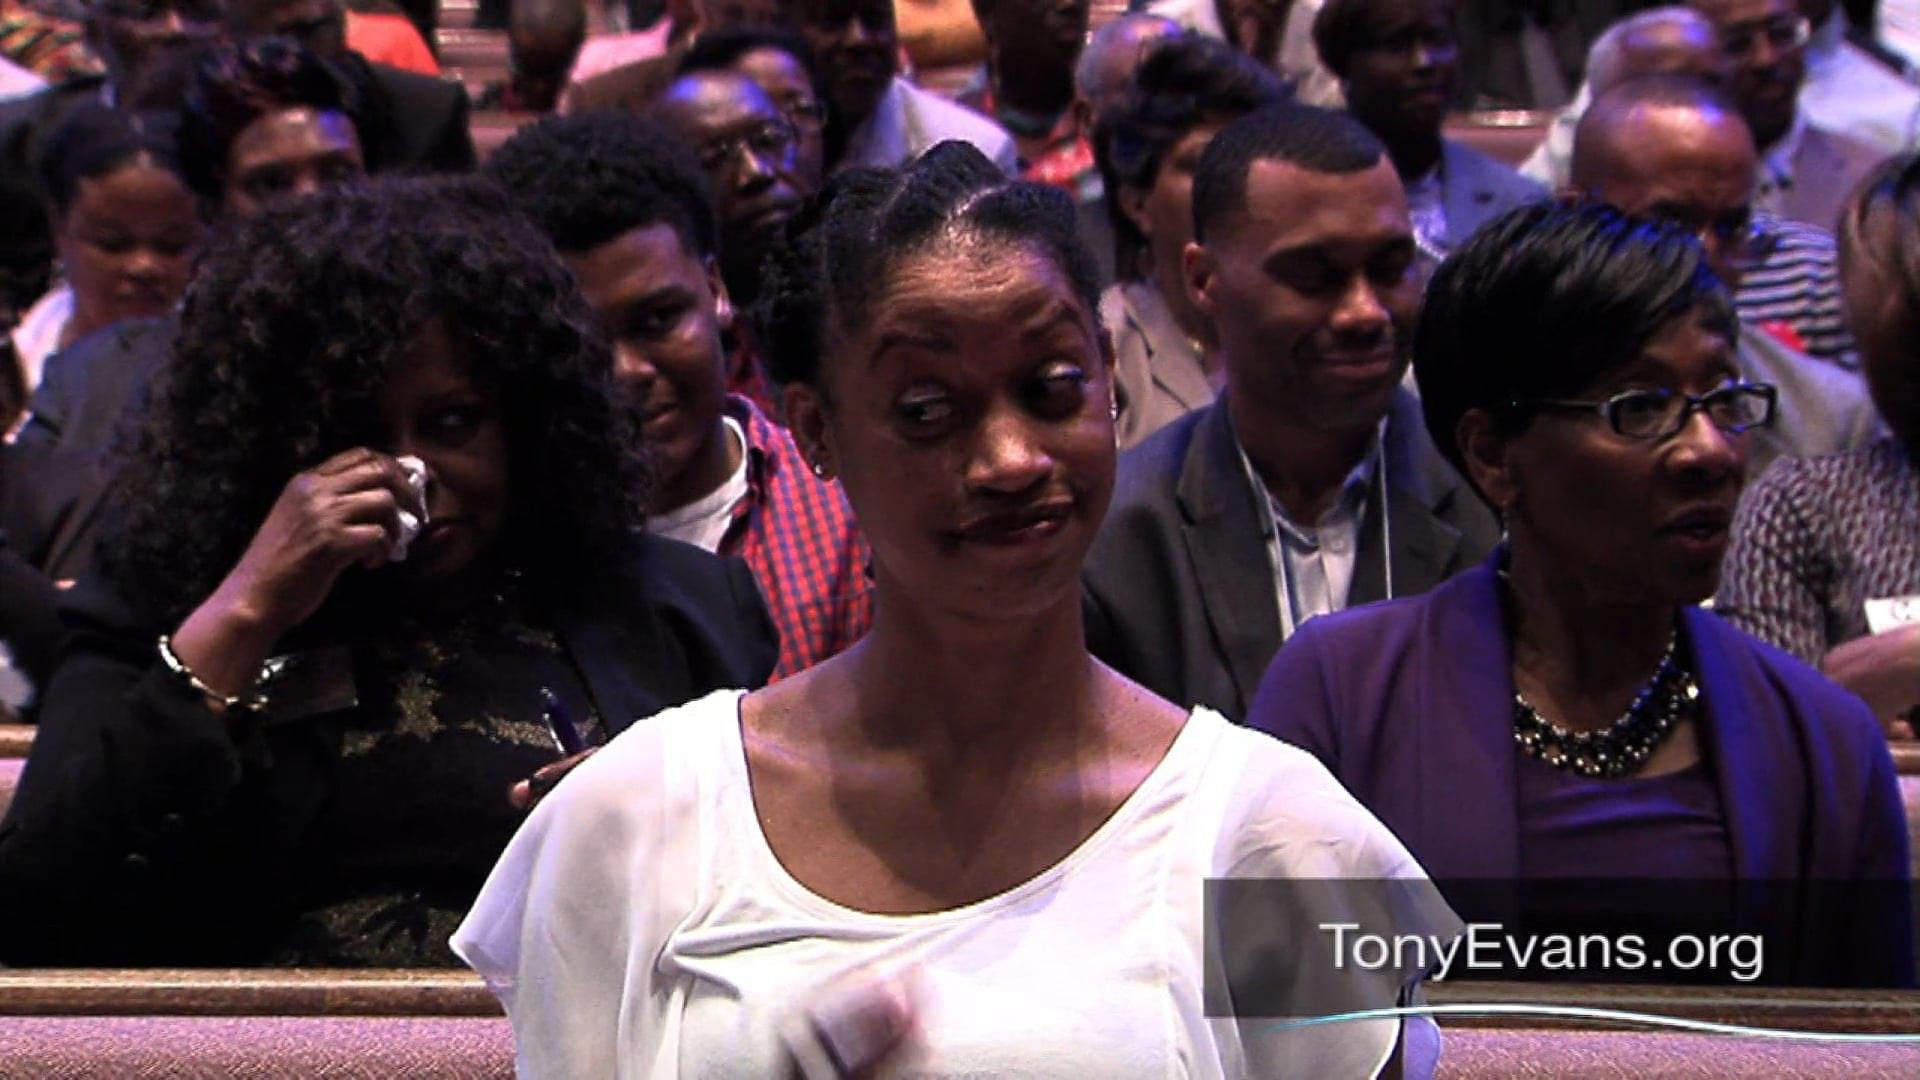 Watch The Best of Tony Evans: The Power of Unbelief